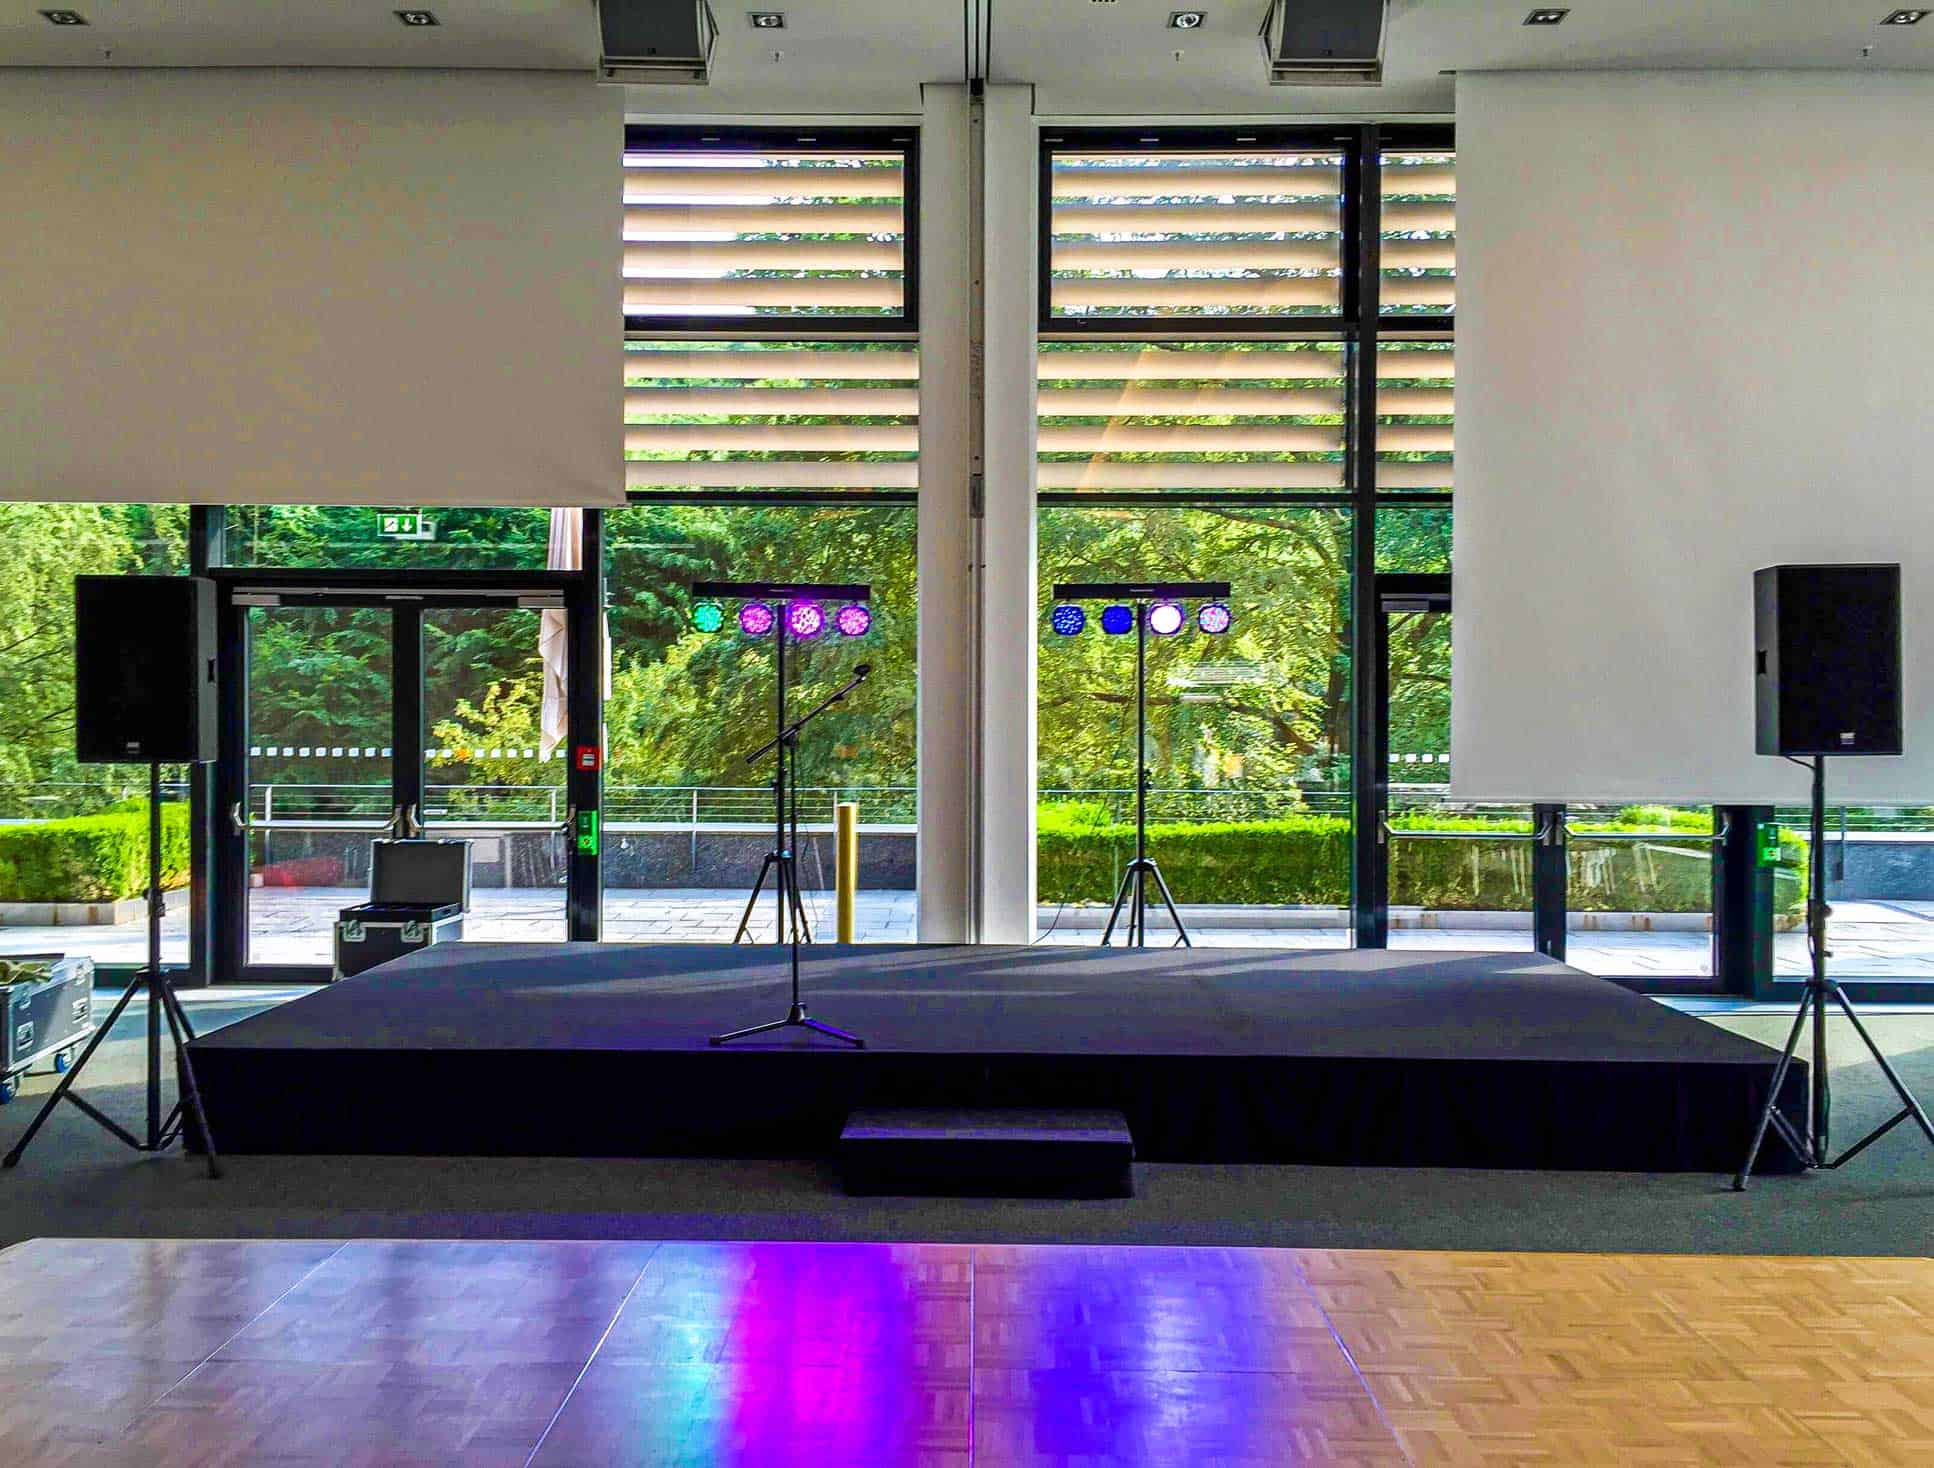 Licht- & Tontechnik aufgebaut mit einer Bühne